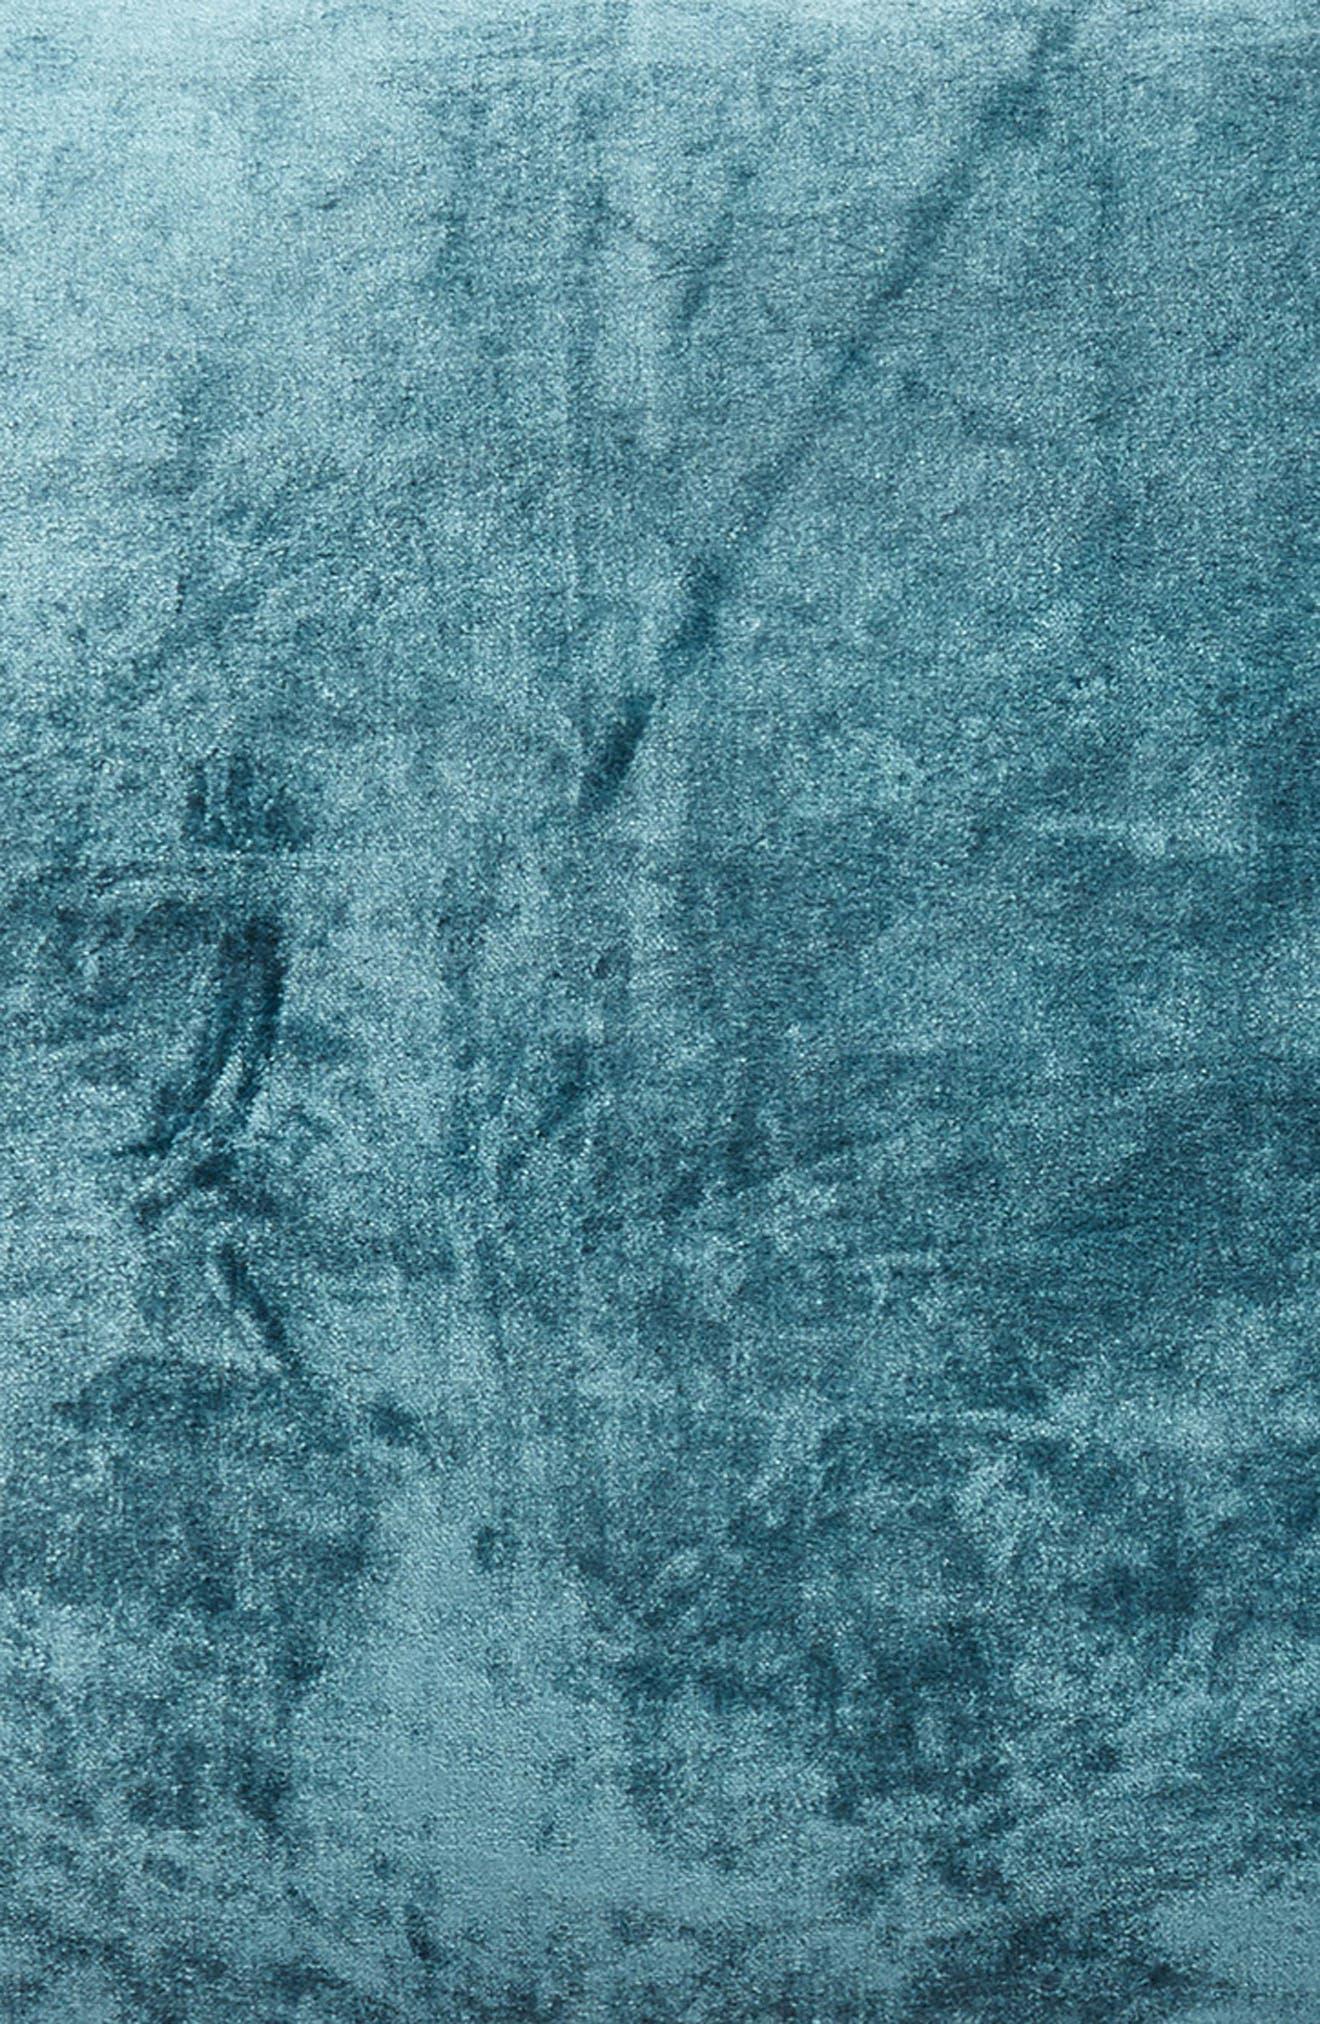 Shimmer Velvet Sham,                             Alternate thumbnail 3, color,                             TEAL GAZER